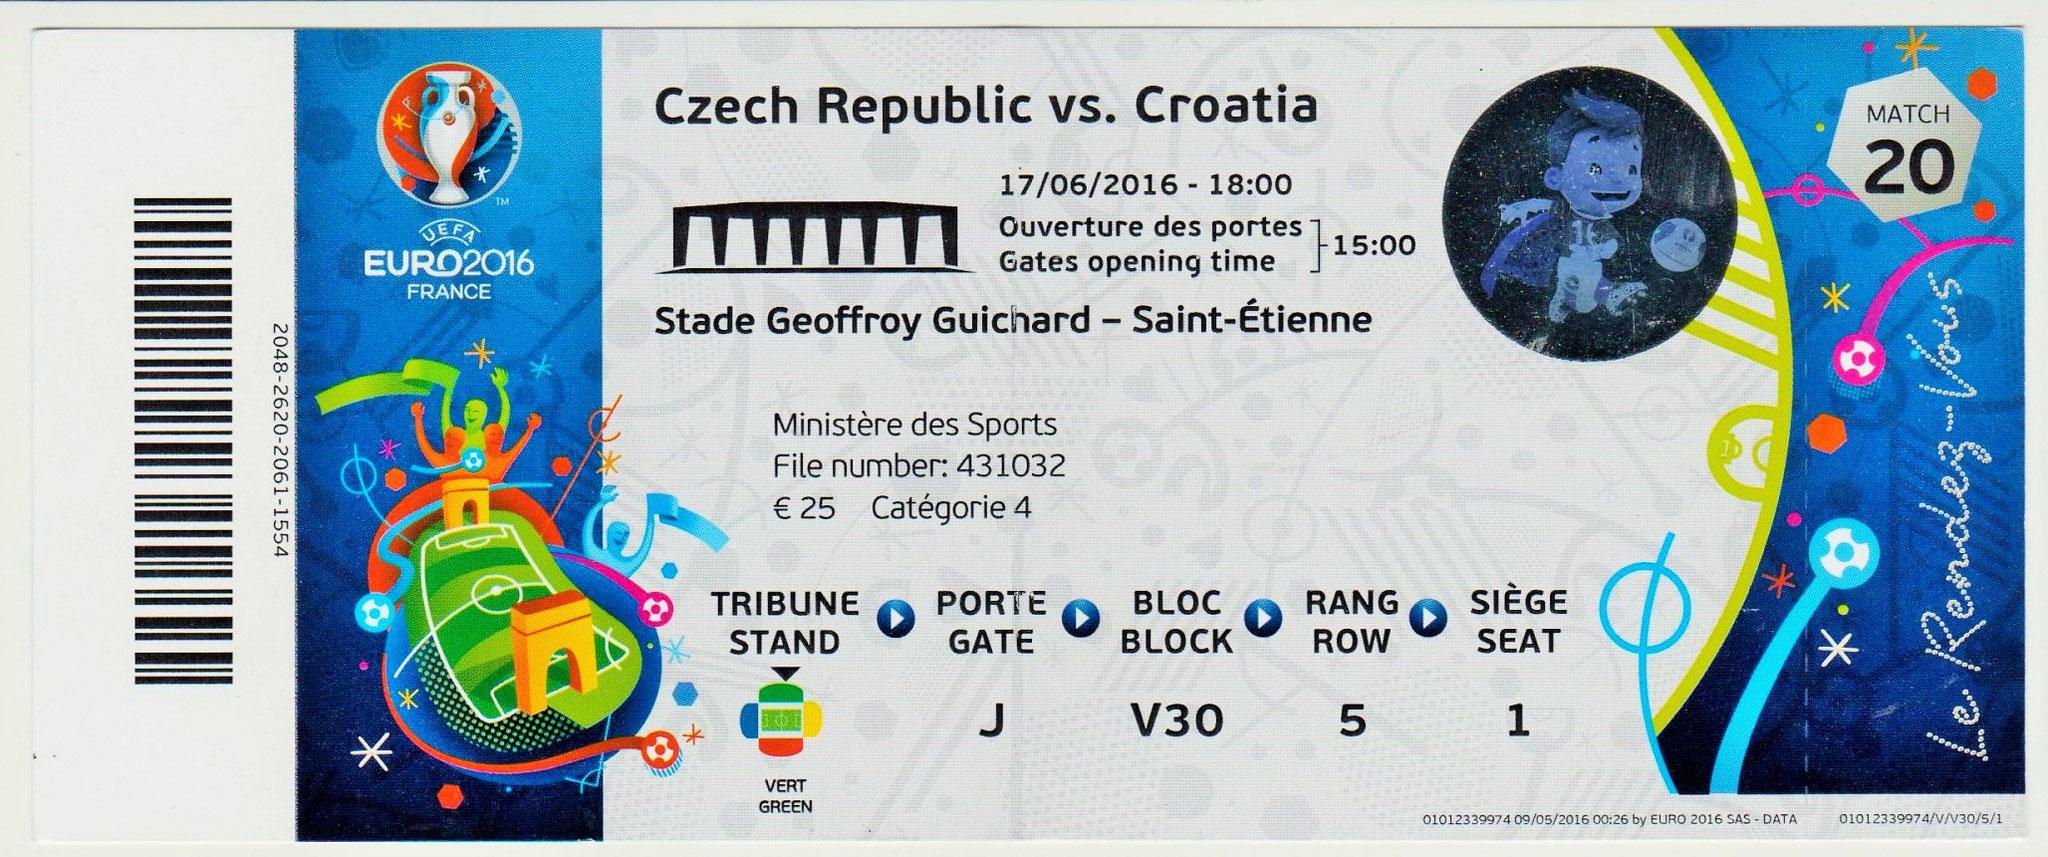 17/06/2016  St Etienne : Rép. Tchèque  2 - 2  Croatie  > Skoda, Necid -sp- (Rep Tch) -- Perisic, Rakitic (Cro) <